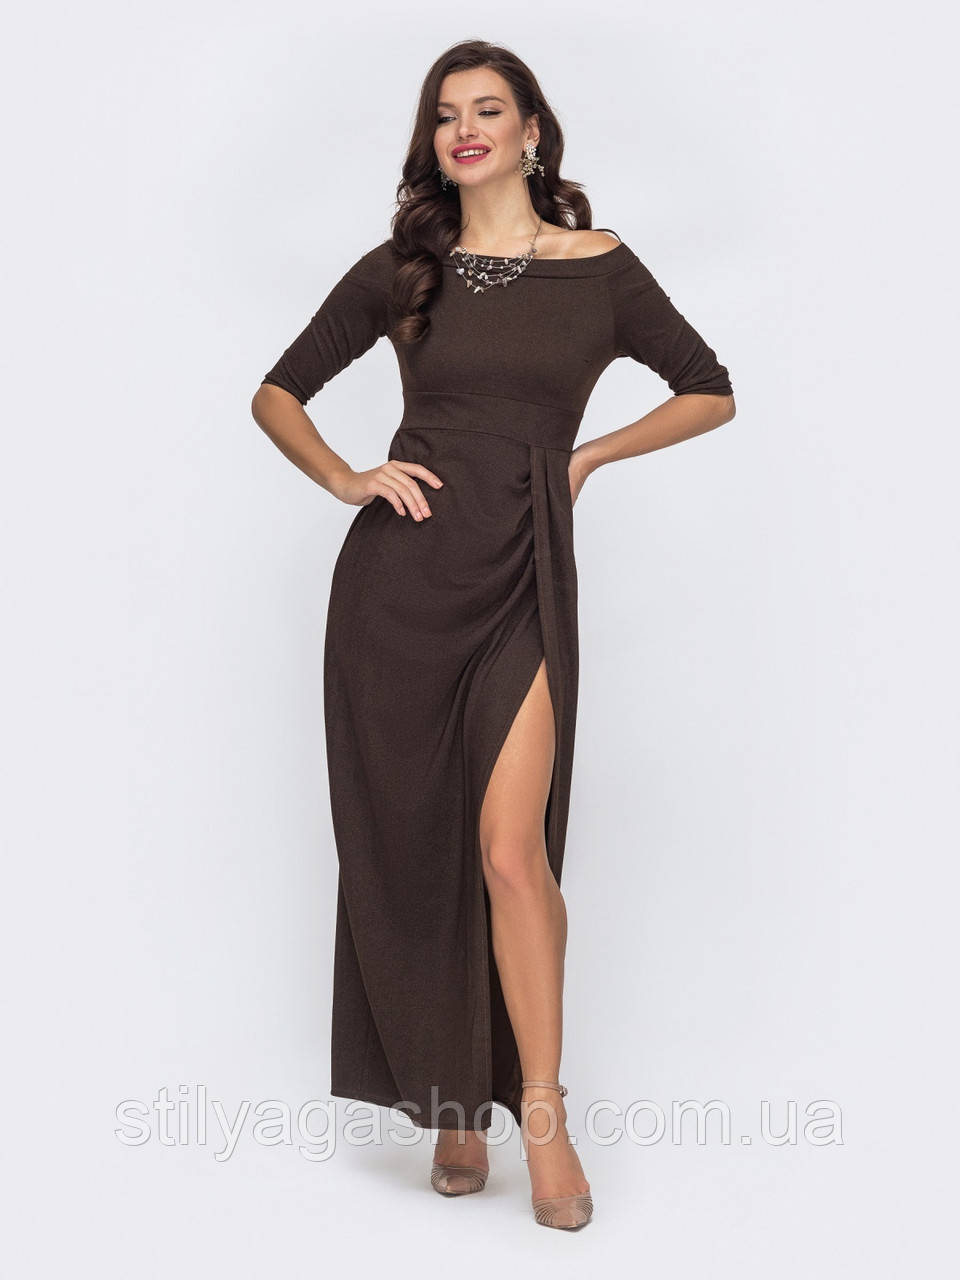 Длинное платье с открытыми плечами и  разрезом сбоку